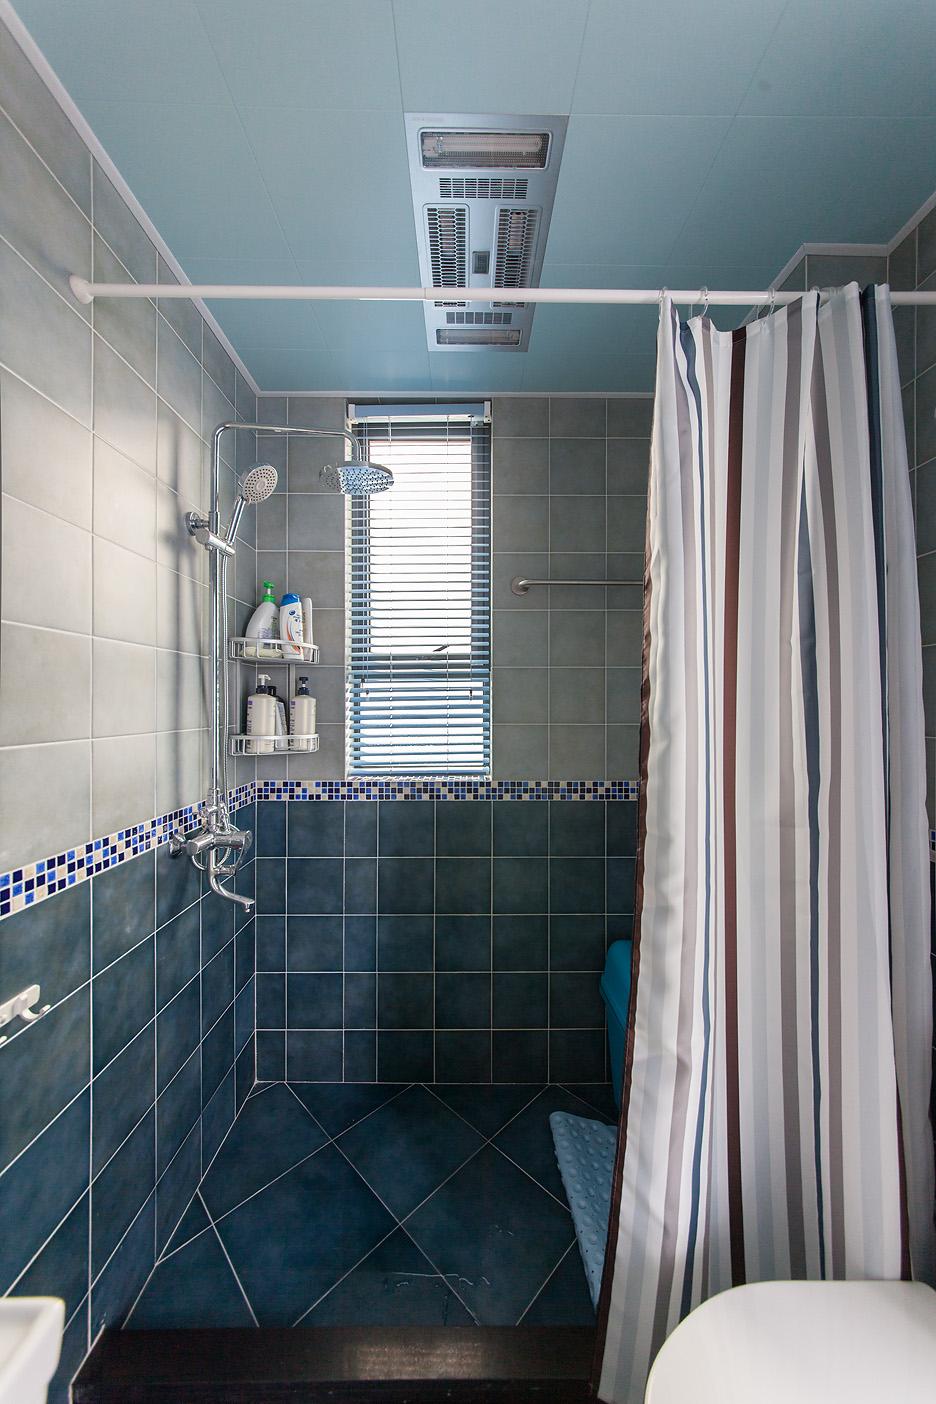 卫生间用遮帘分离洗澡区域和洗浴台,很好的做了干湿分离